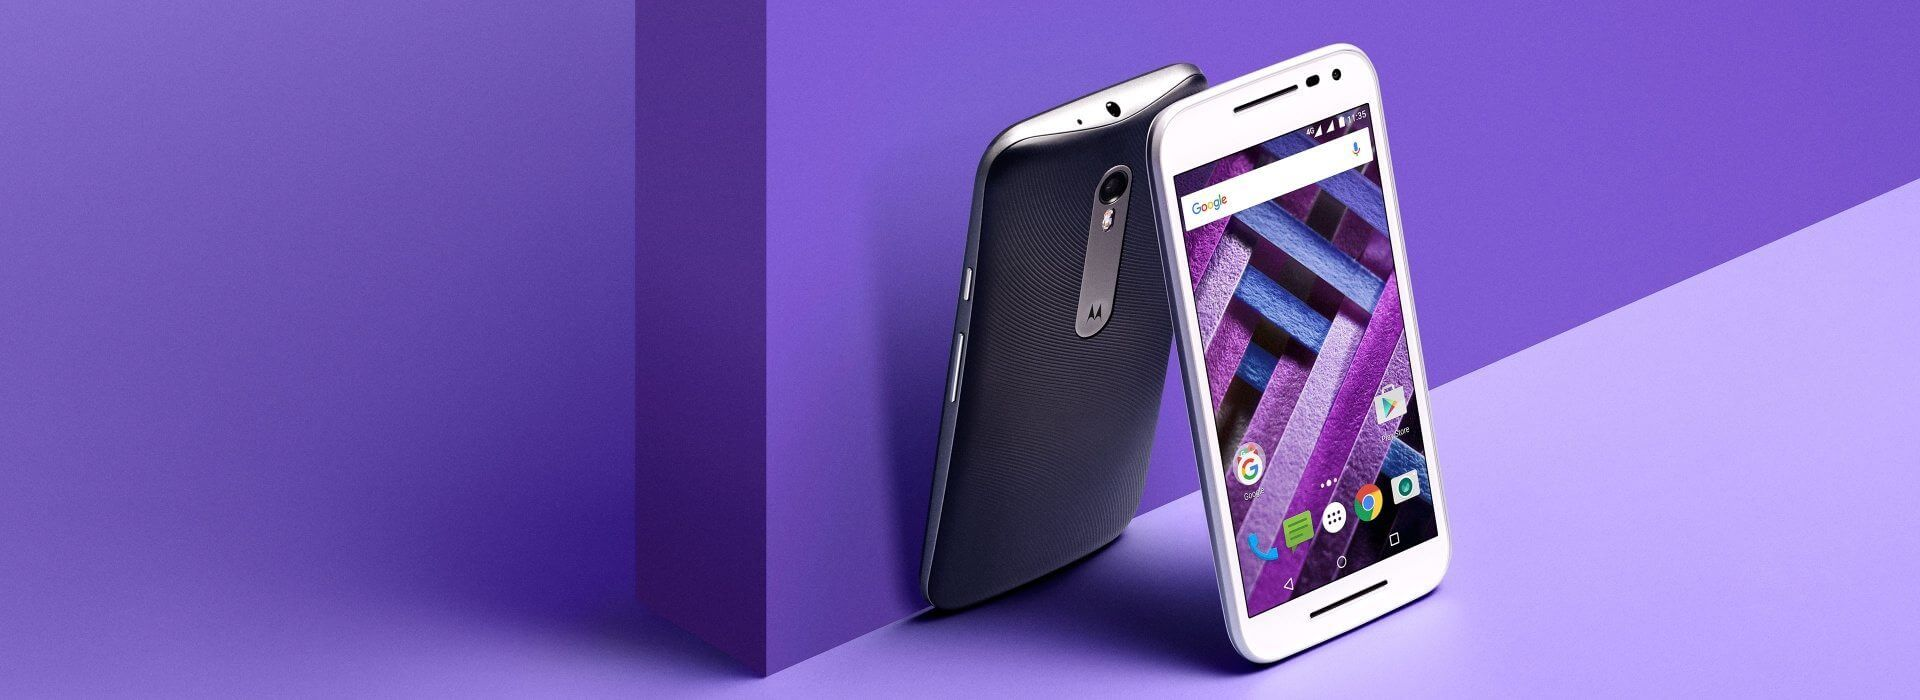 mot motog turbo hero mx d - LineageOS traz o Android 7.1.1 ao Moto G Turbo Edition (XT1556)